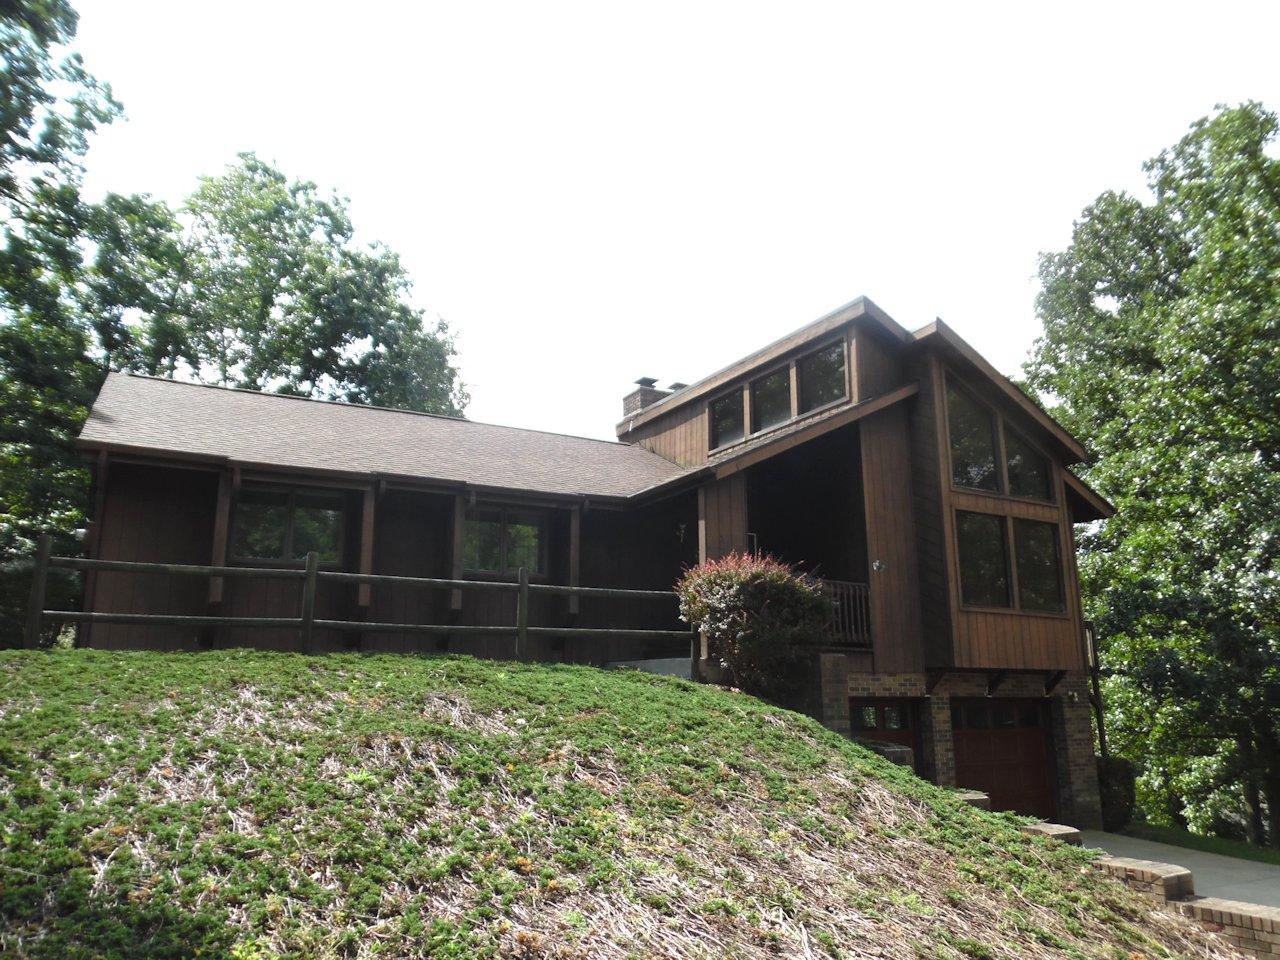 18520 White Oak Drive, Catlettsburg, Kentucky 41129